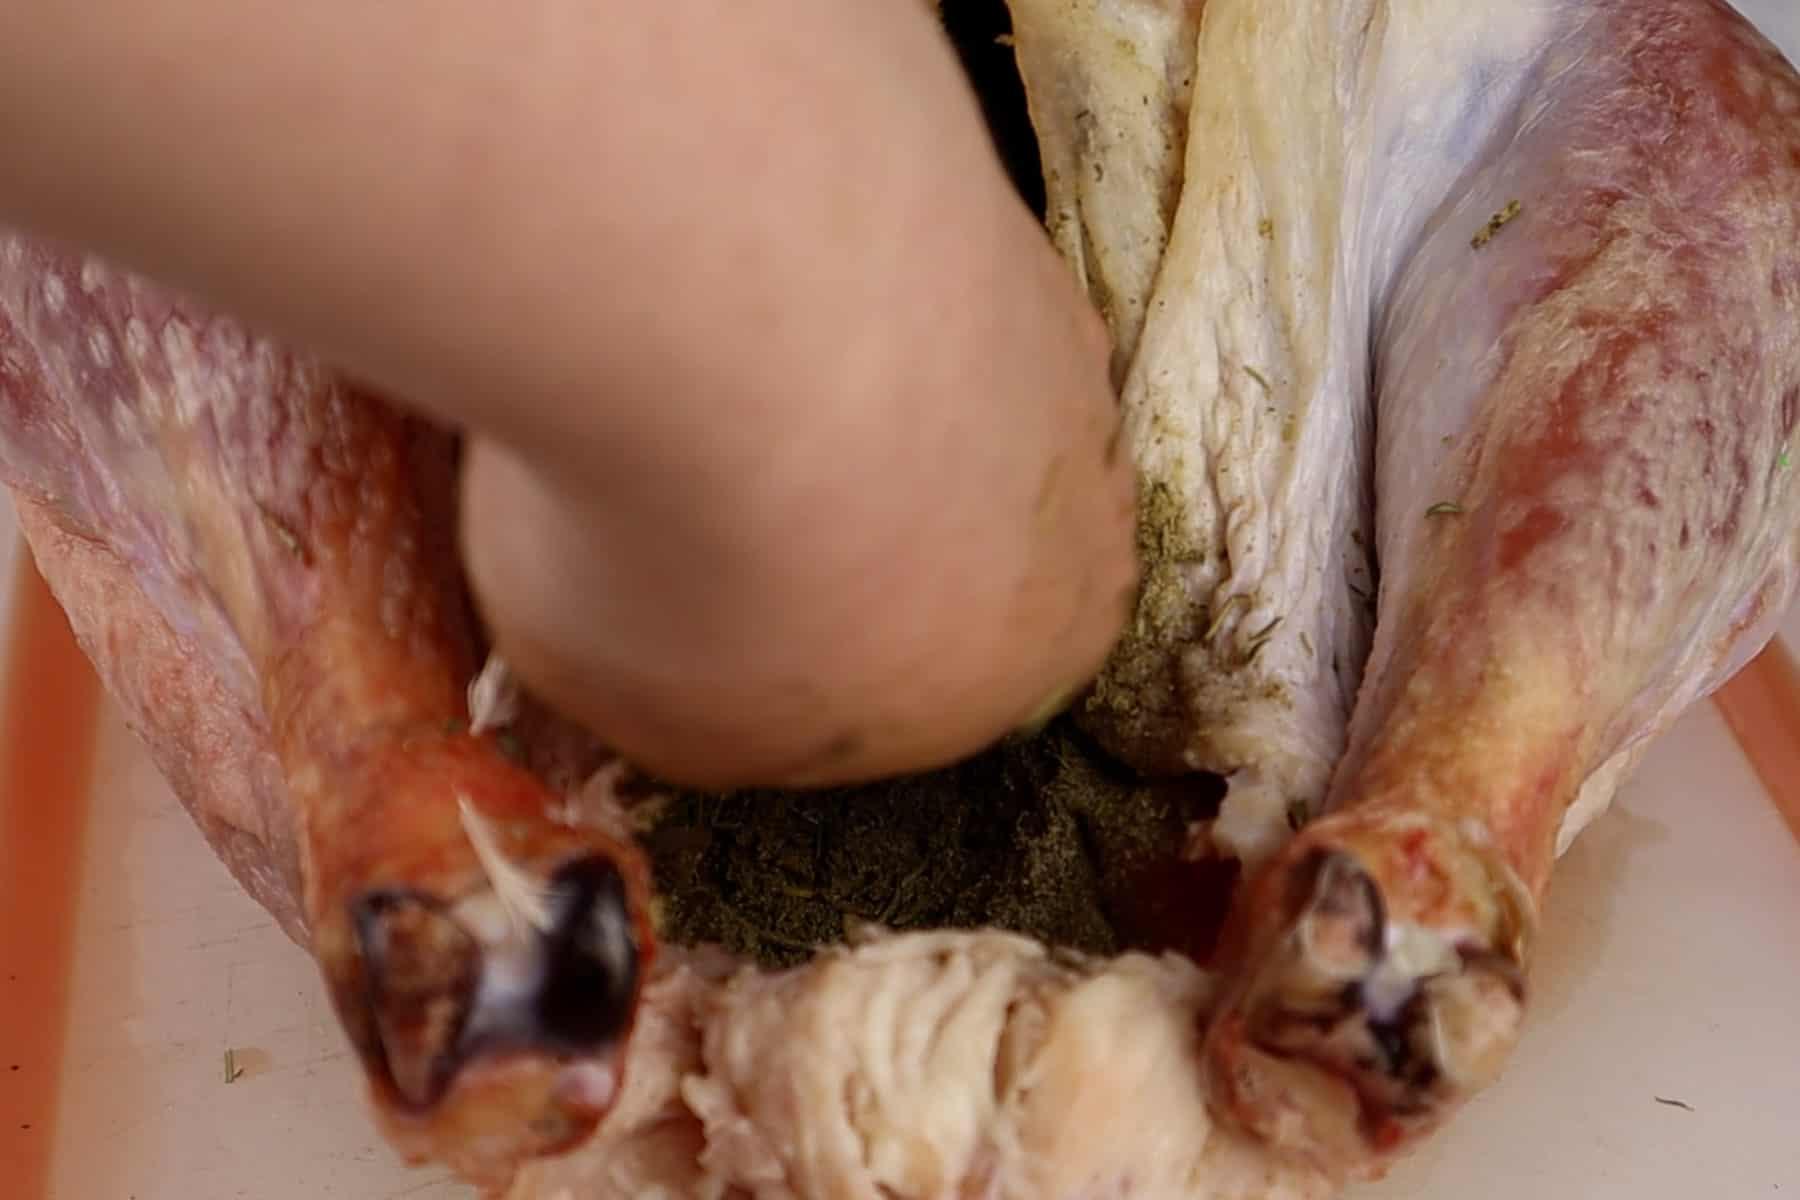 putting herb mixture in turkey cavity